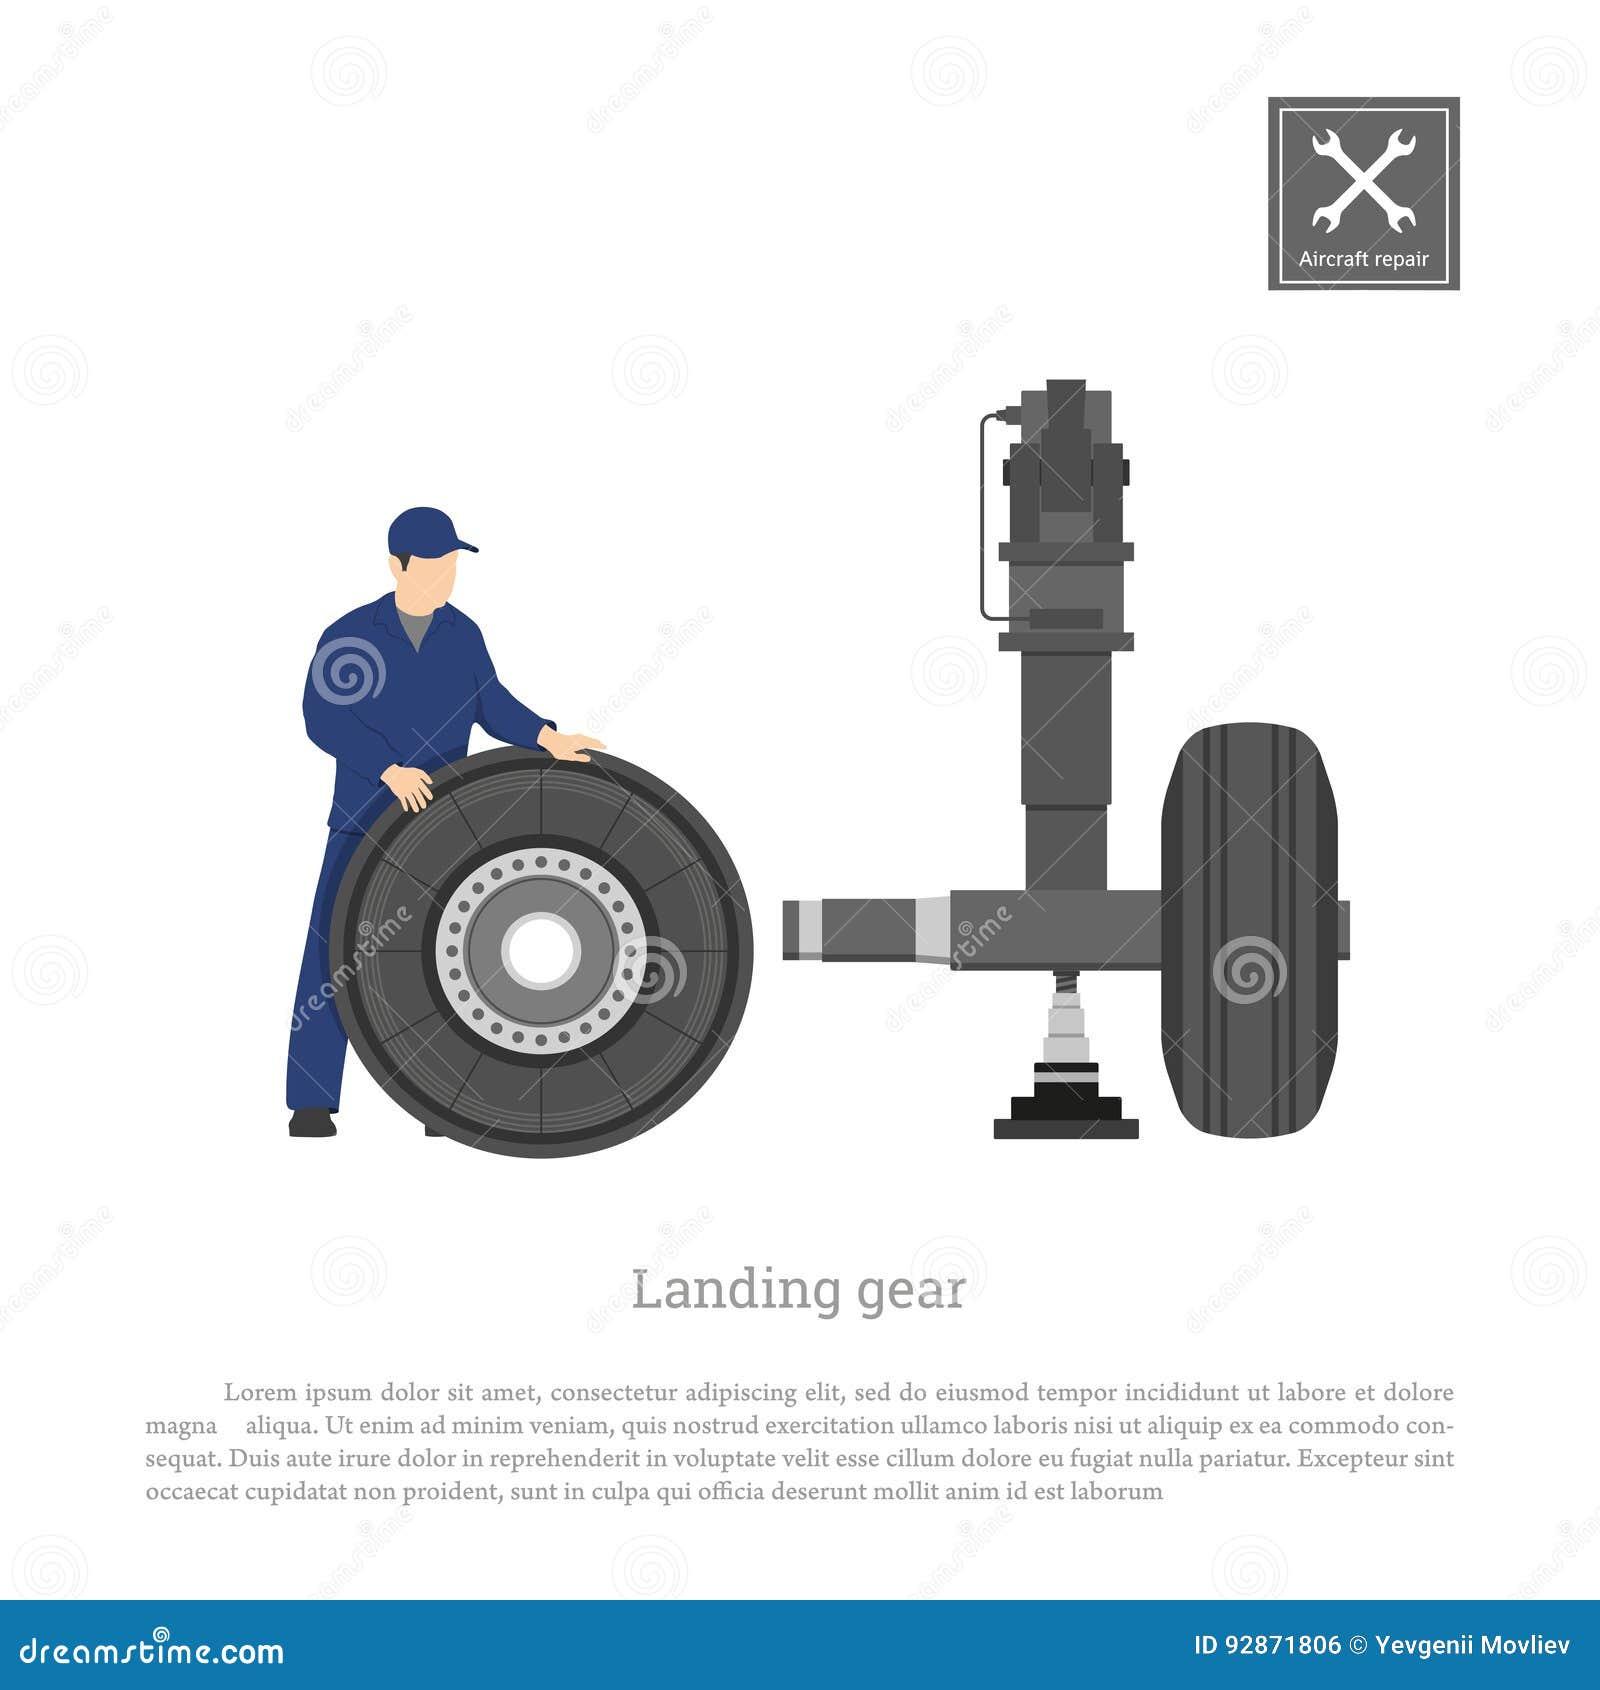 Reparo e manutenção dos aviões Projete a roda do reparo no trem de aterrissagem do avião Desenho industrial em um estilo liso